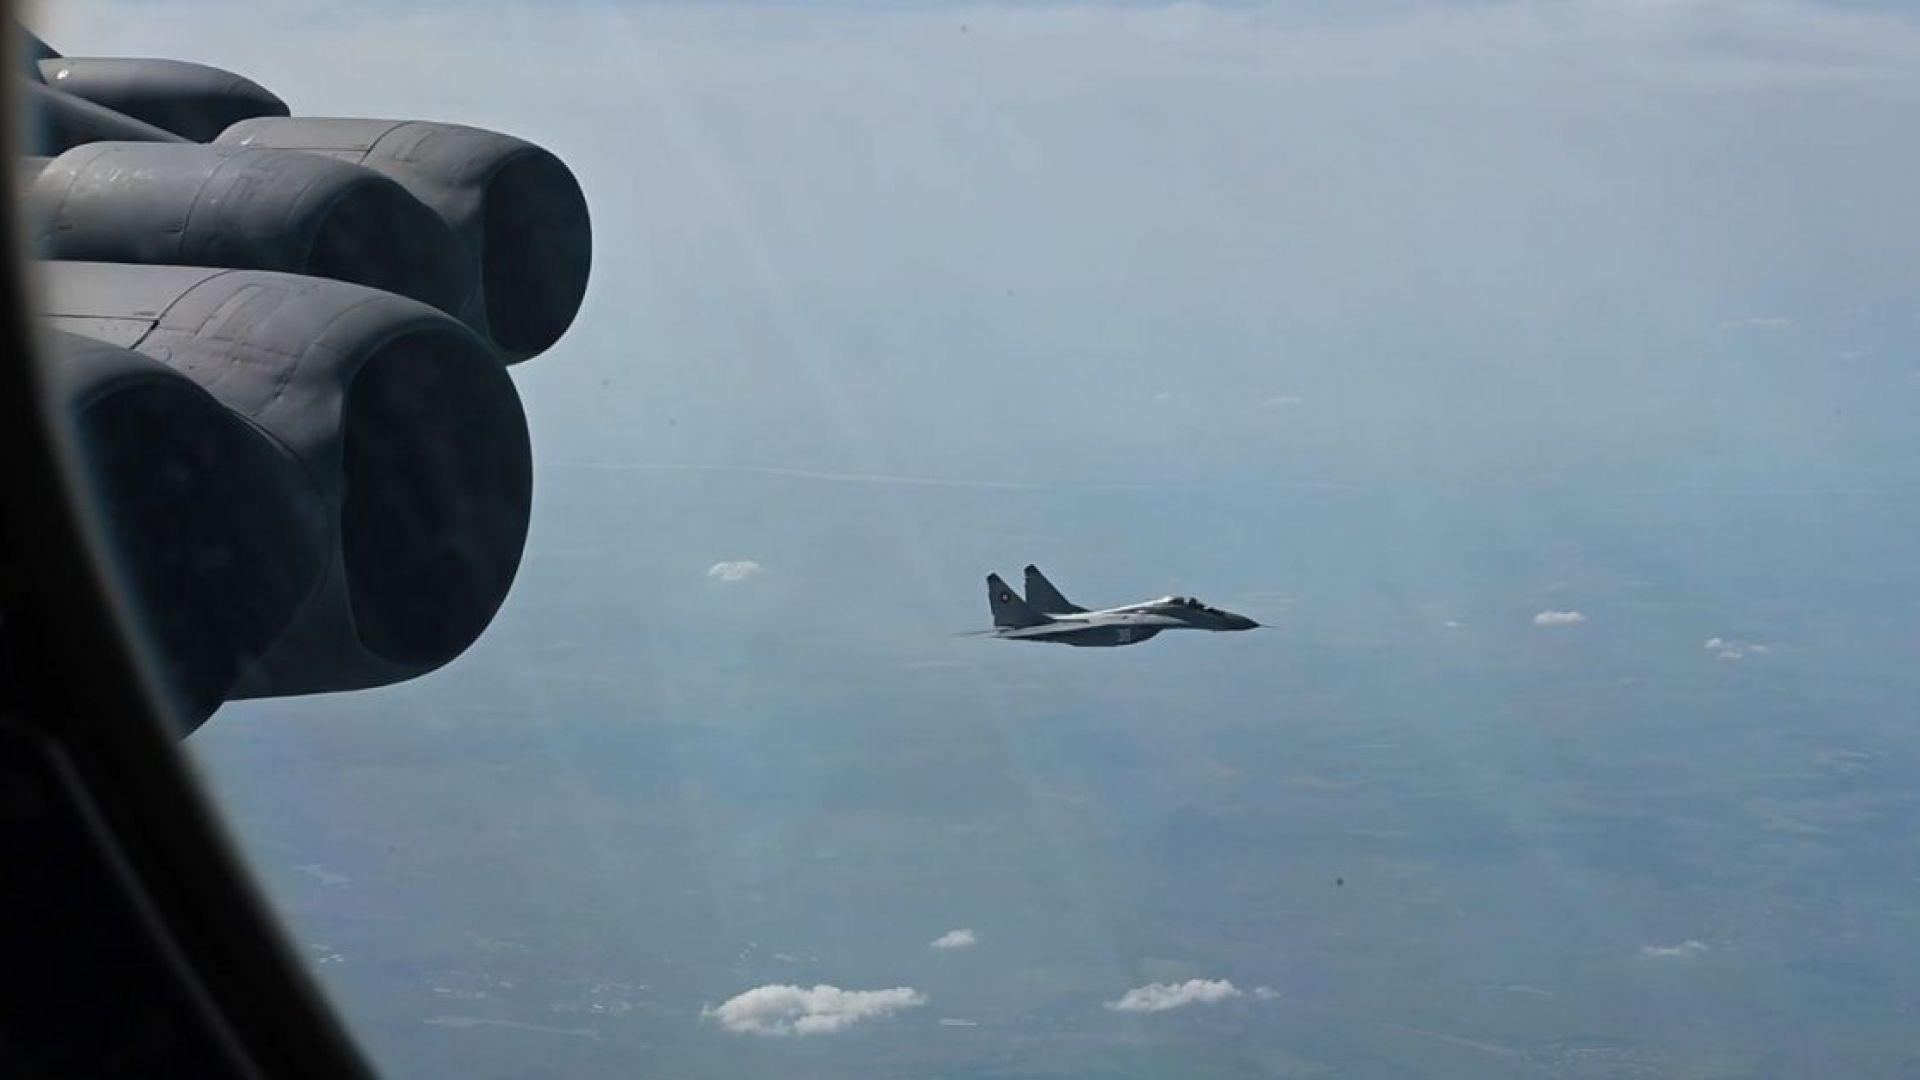 Български МиГ-29 в учение с US бомбардировач Б-52 над Черно море (видео)